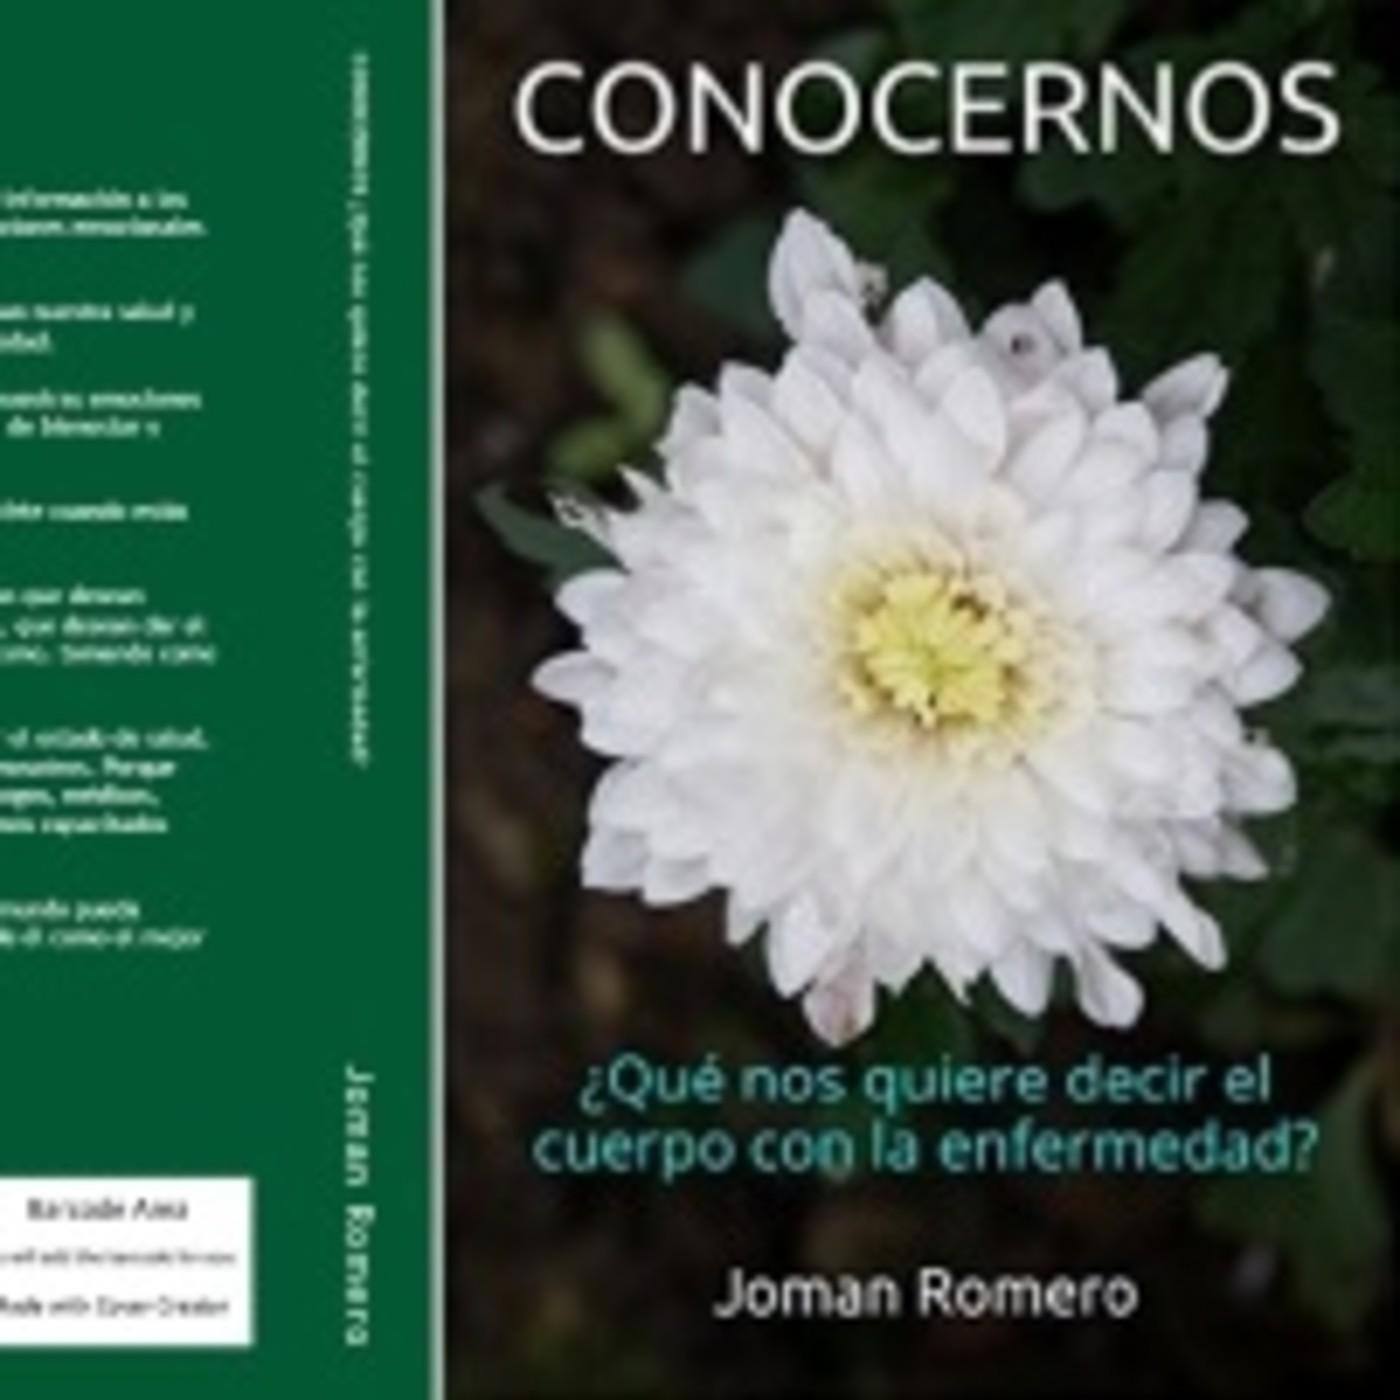 Joman Romero